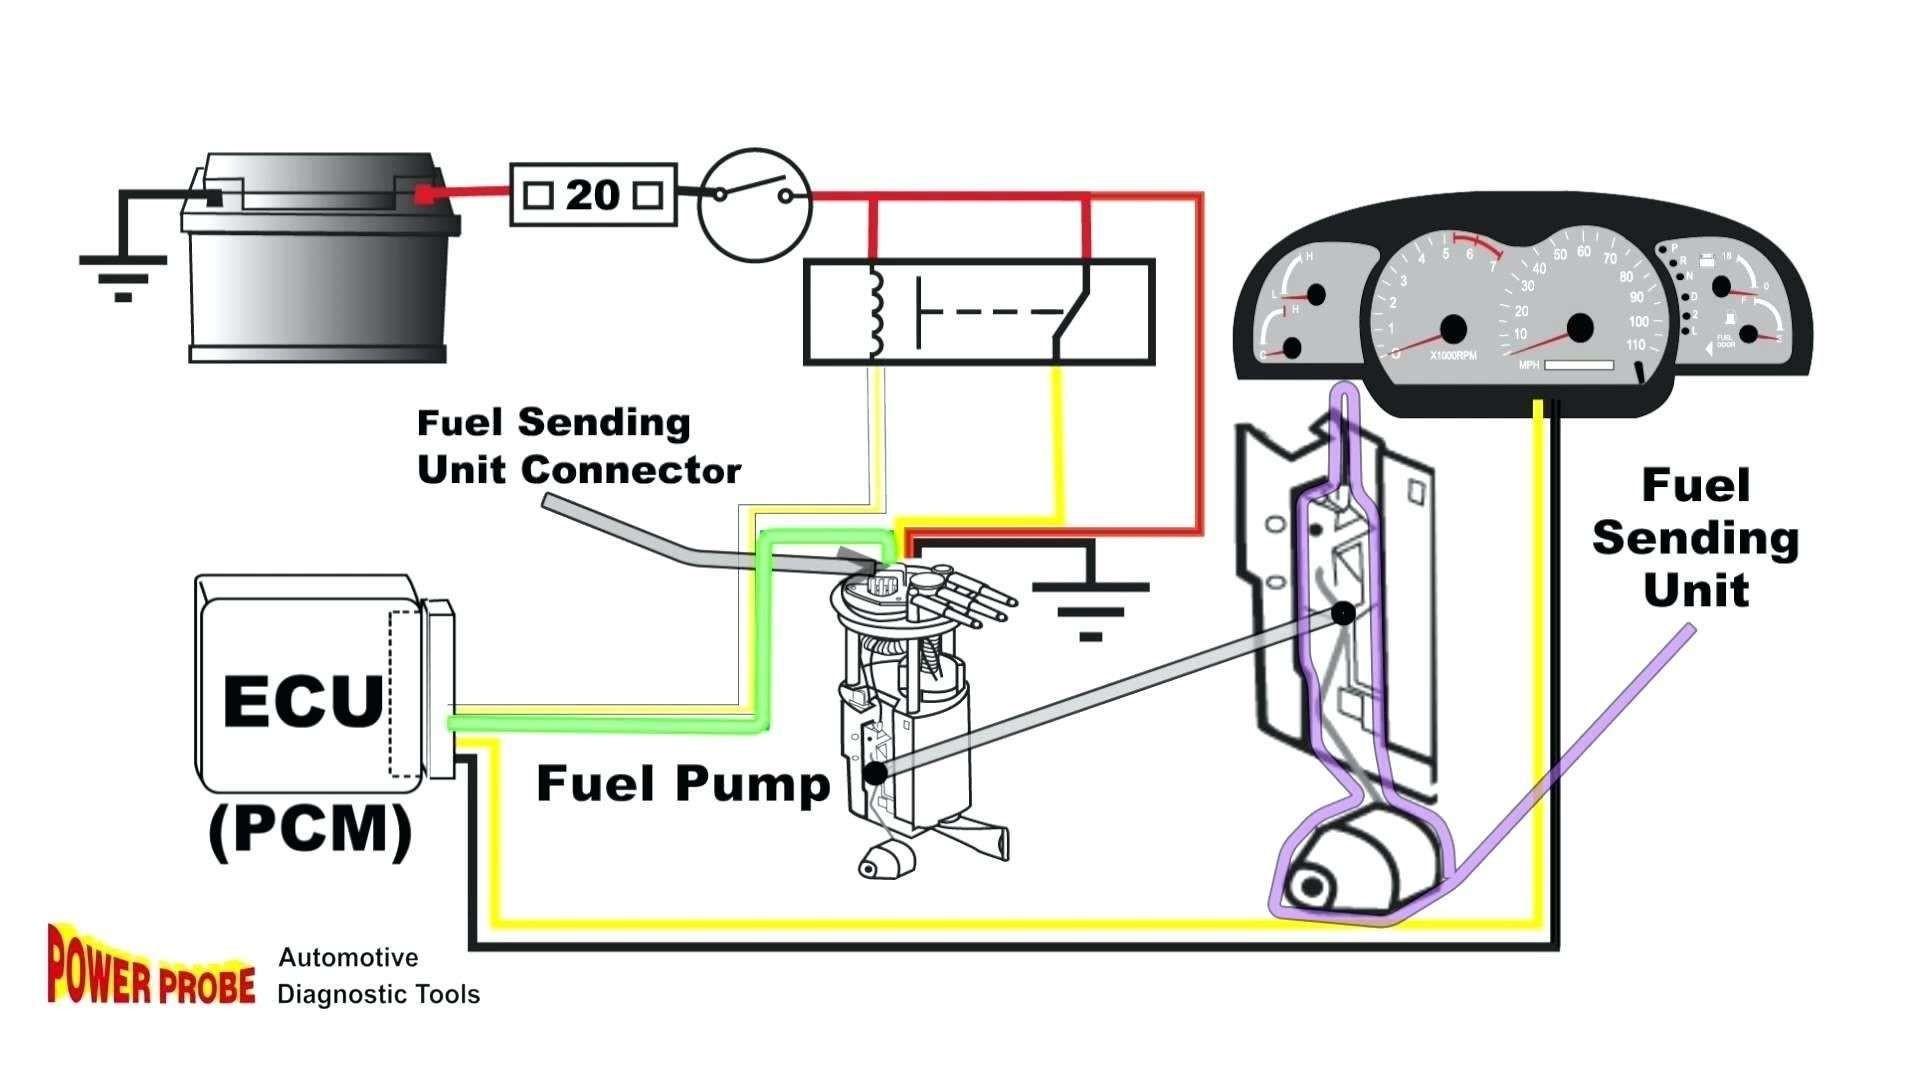 Qd Control Box Wiring 100 Wiring Diagram Electrical Ideas Of Qd Control Box Wiring